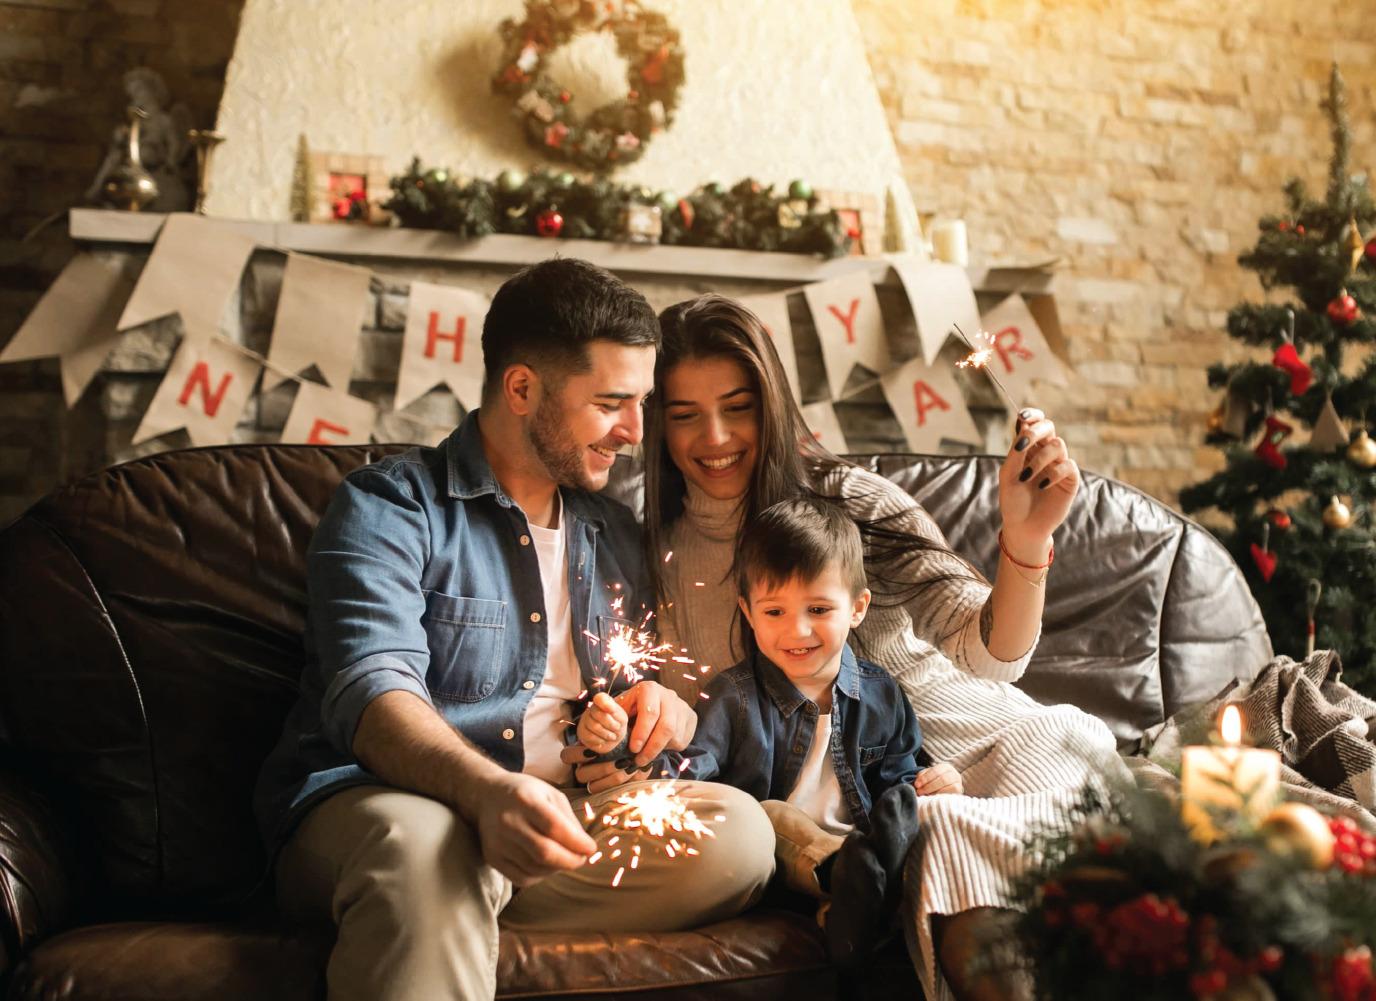 Làm cha mẹ tốt cùng 3 kinh nghiệm để đời sau